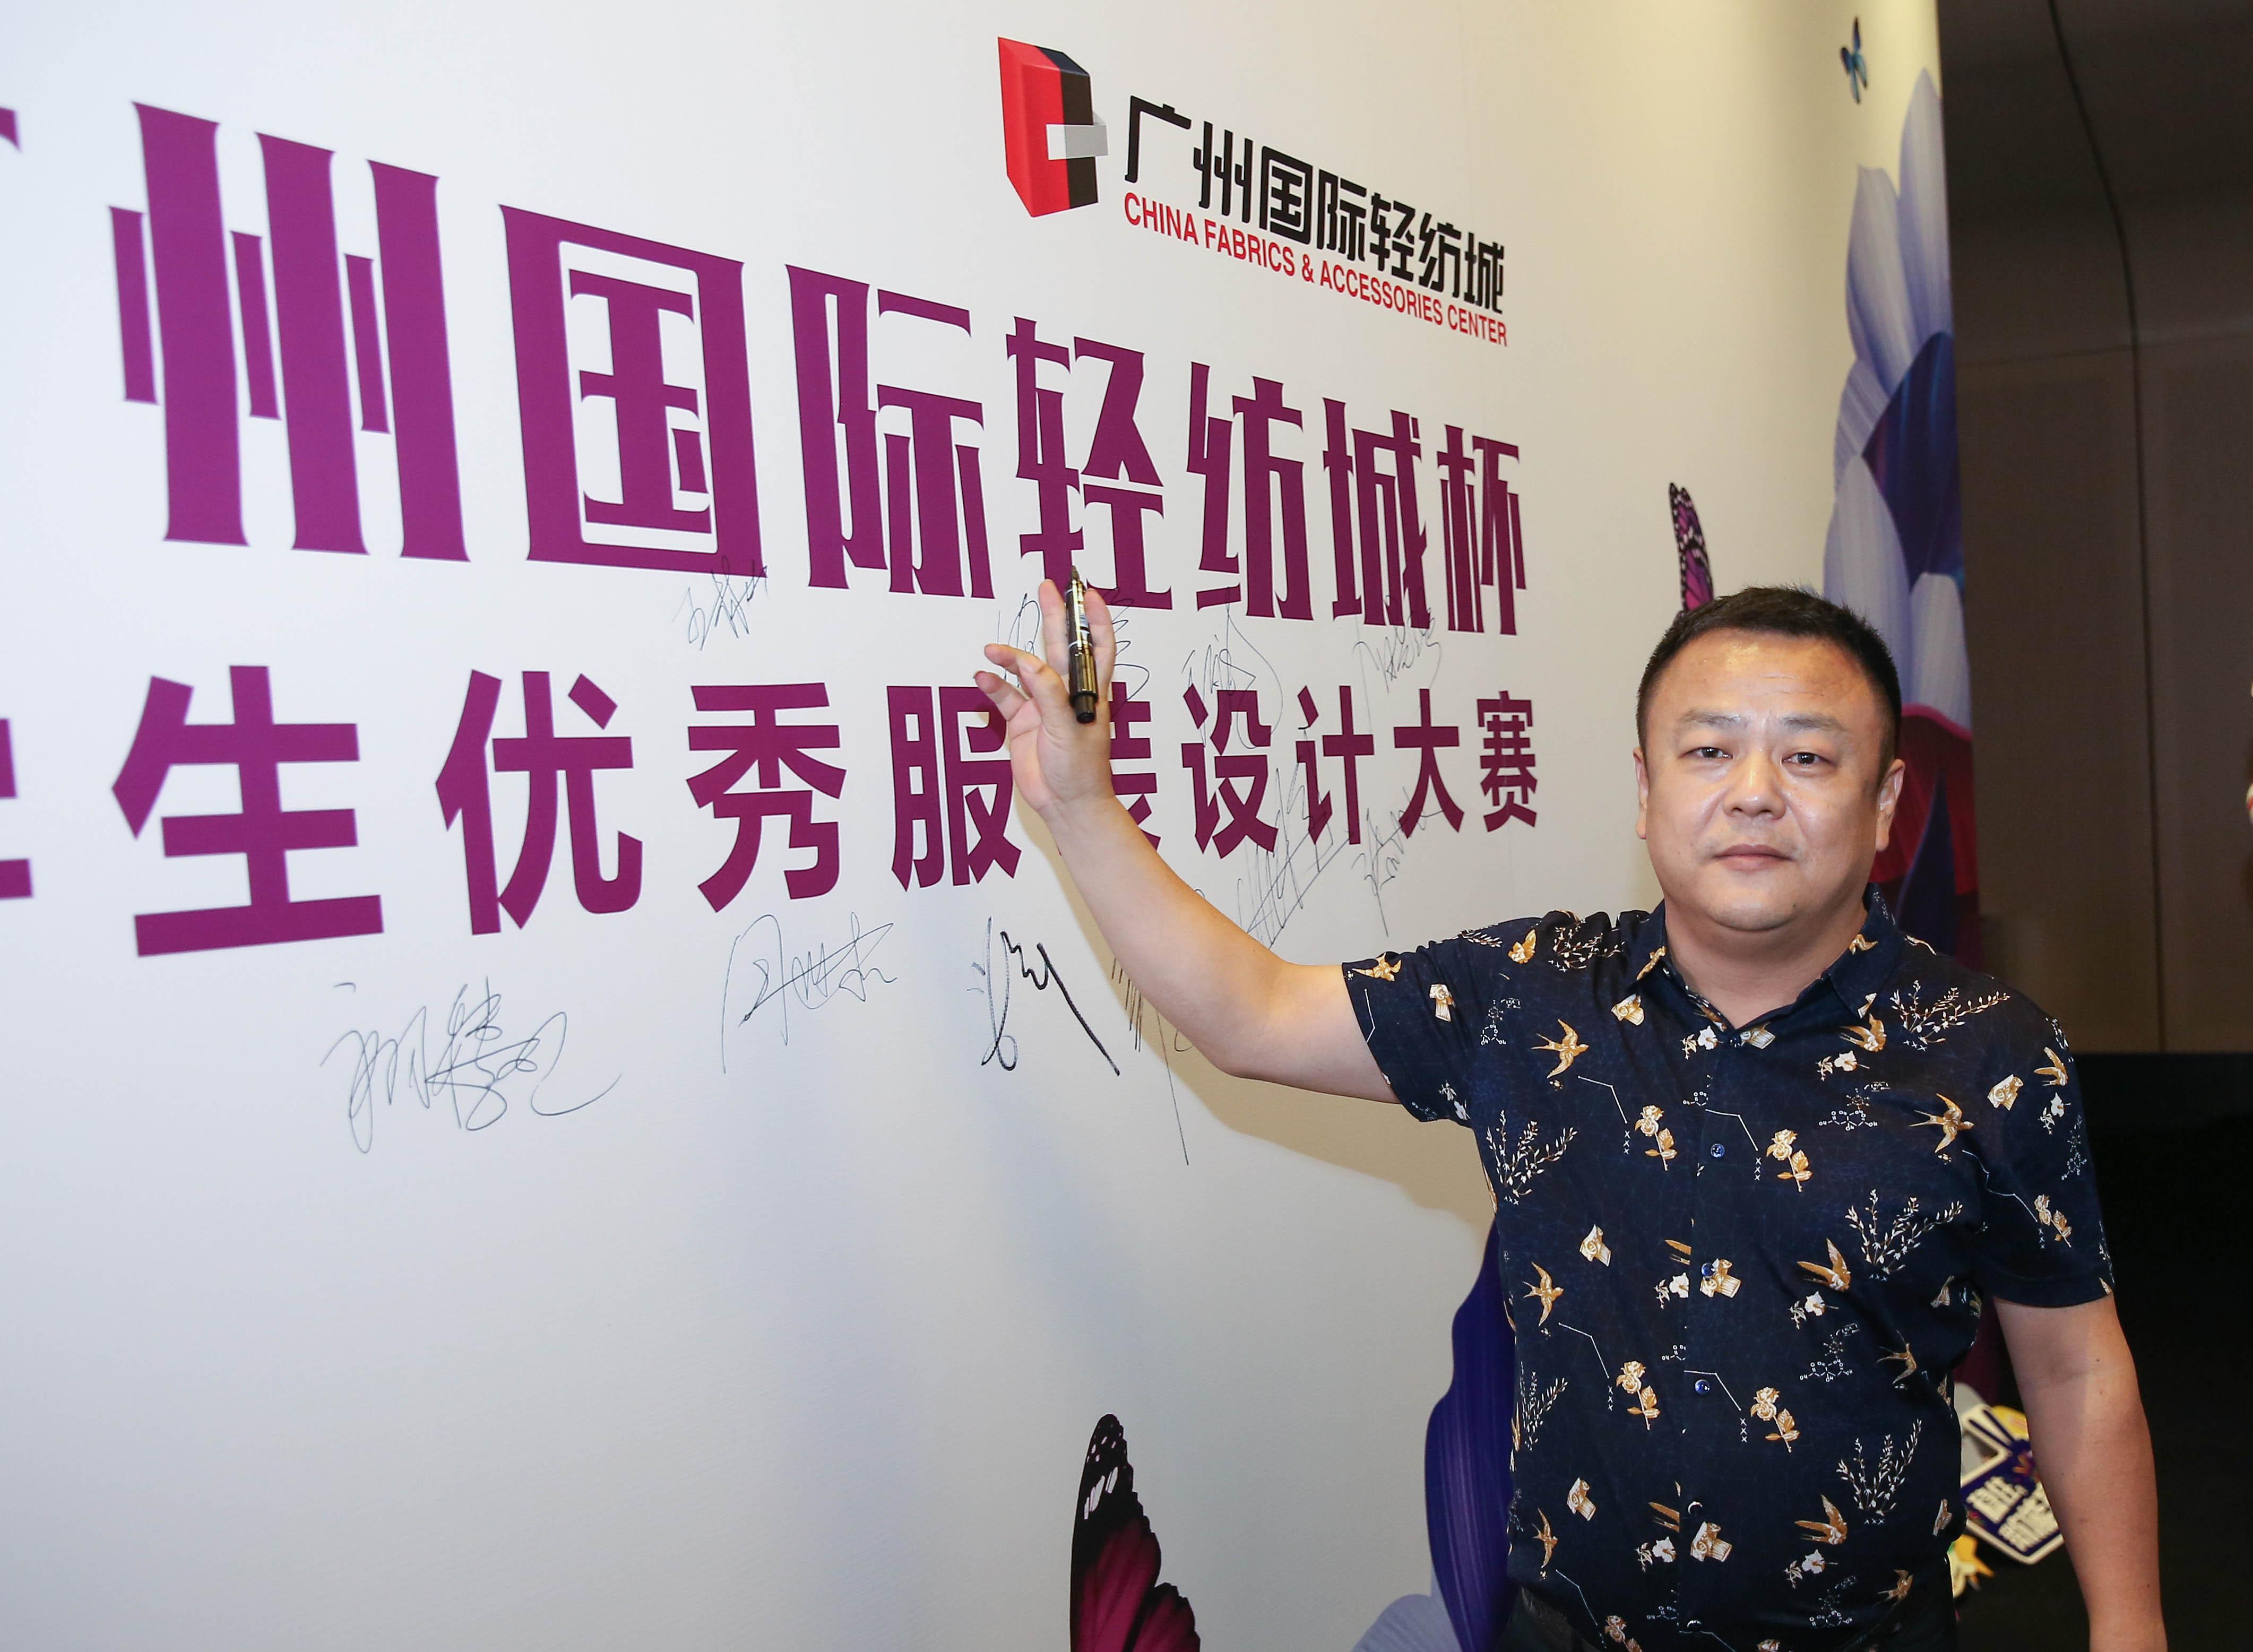 2018中国(广东)大学生时装周专访青盛纺织:多沟通才能更好的与市场接轨